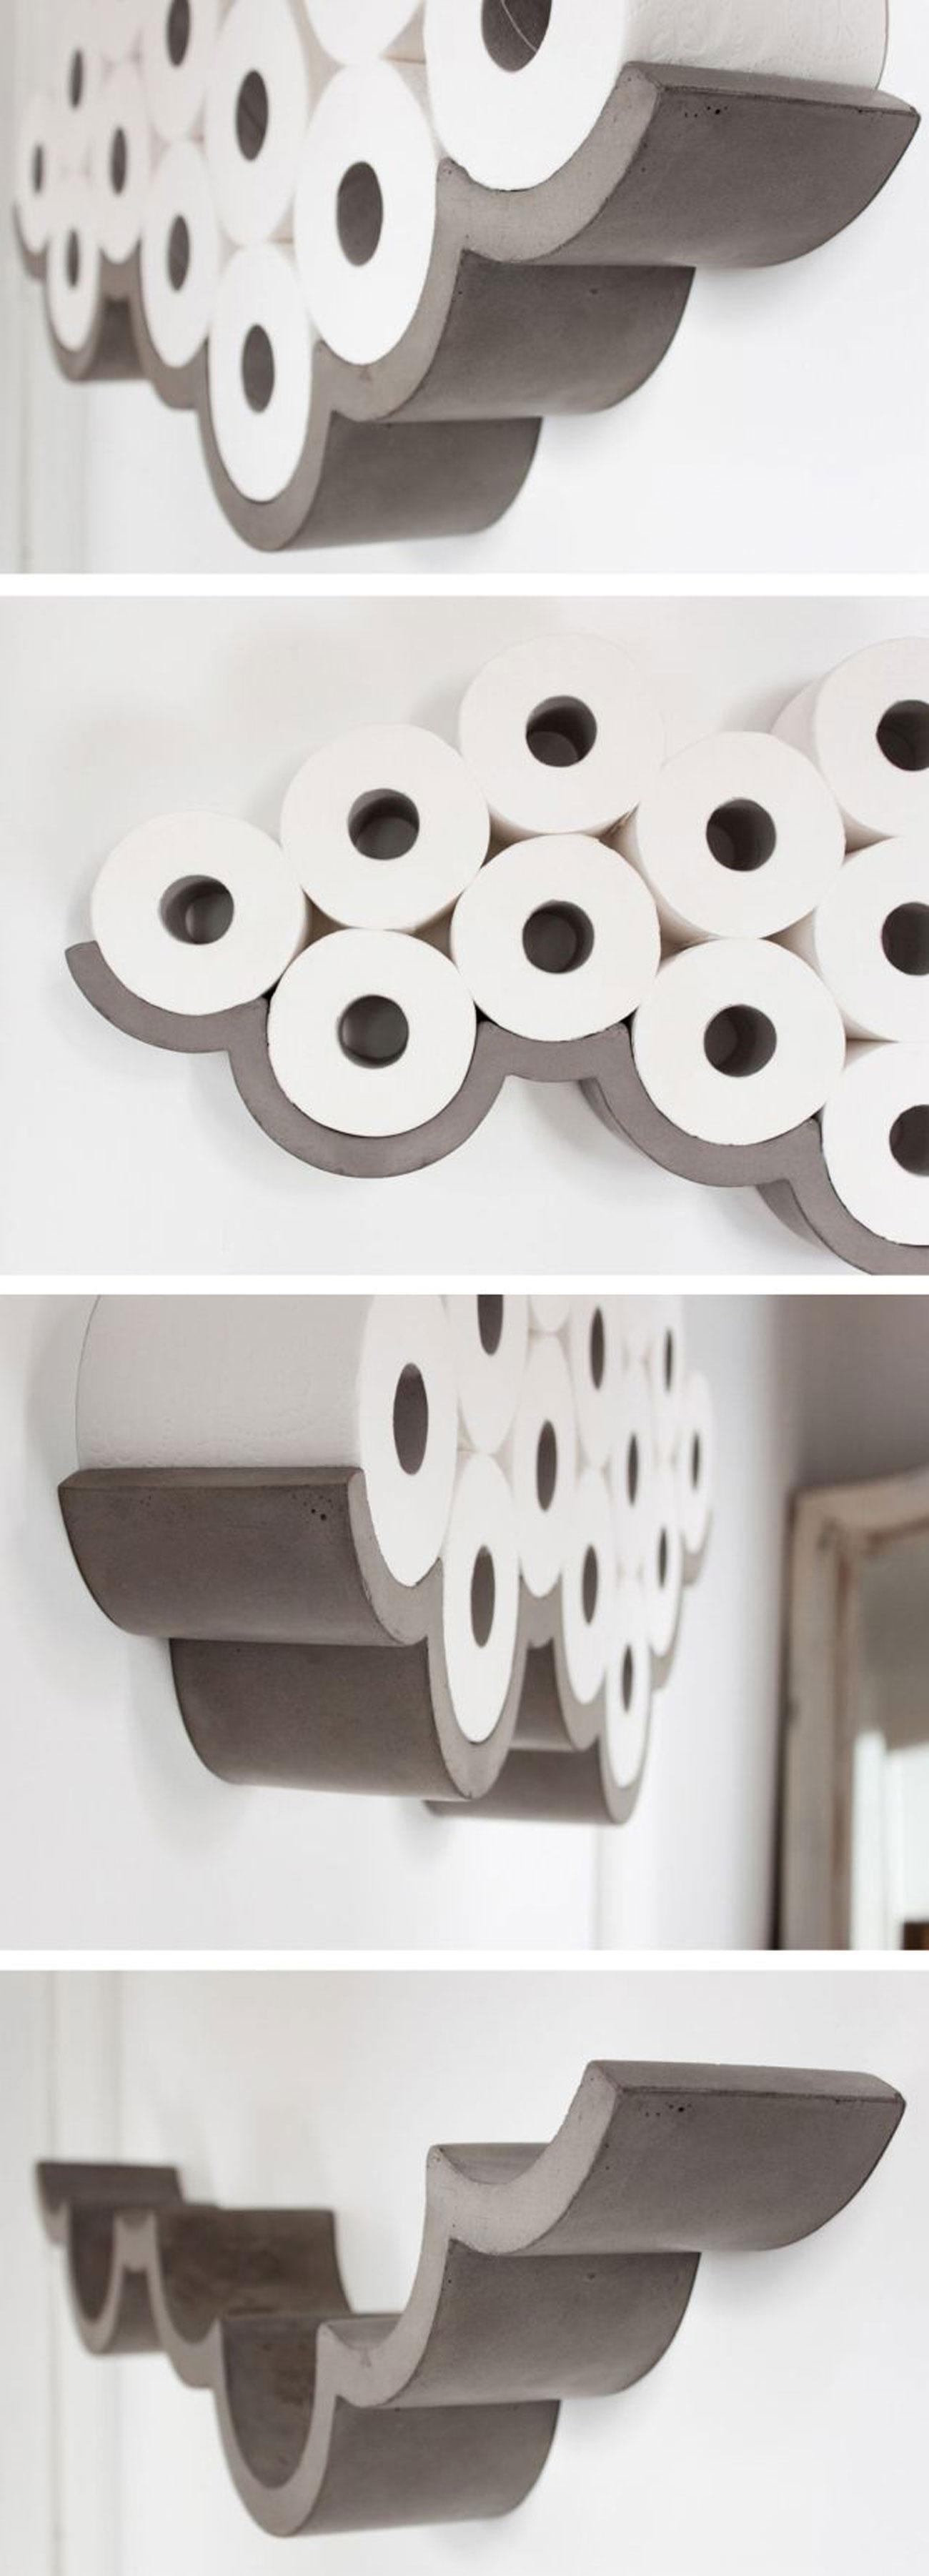 concrete toilette paper holder